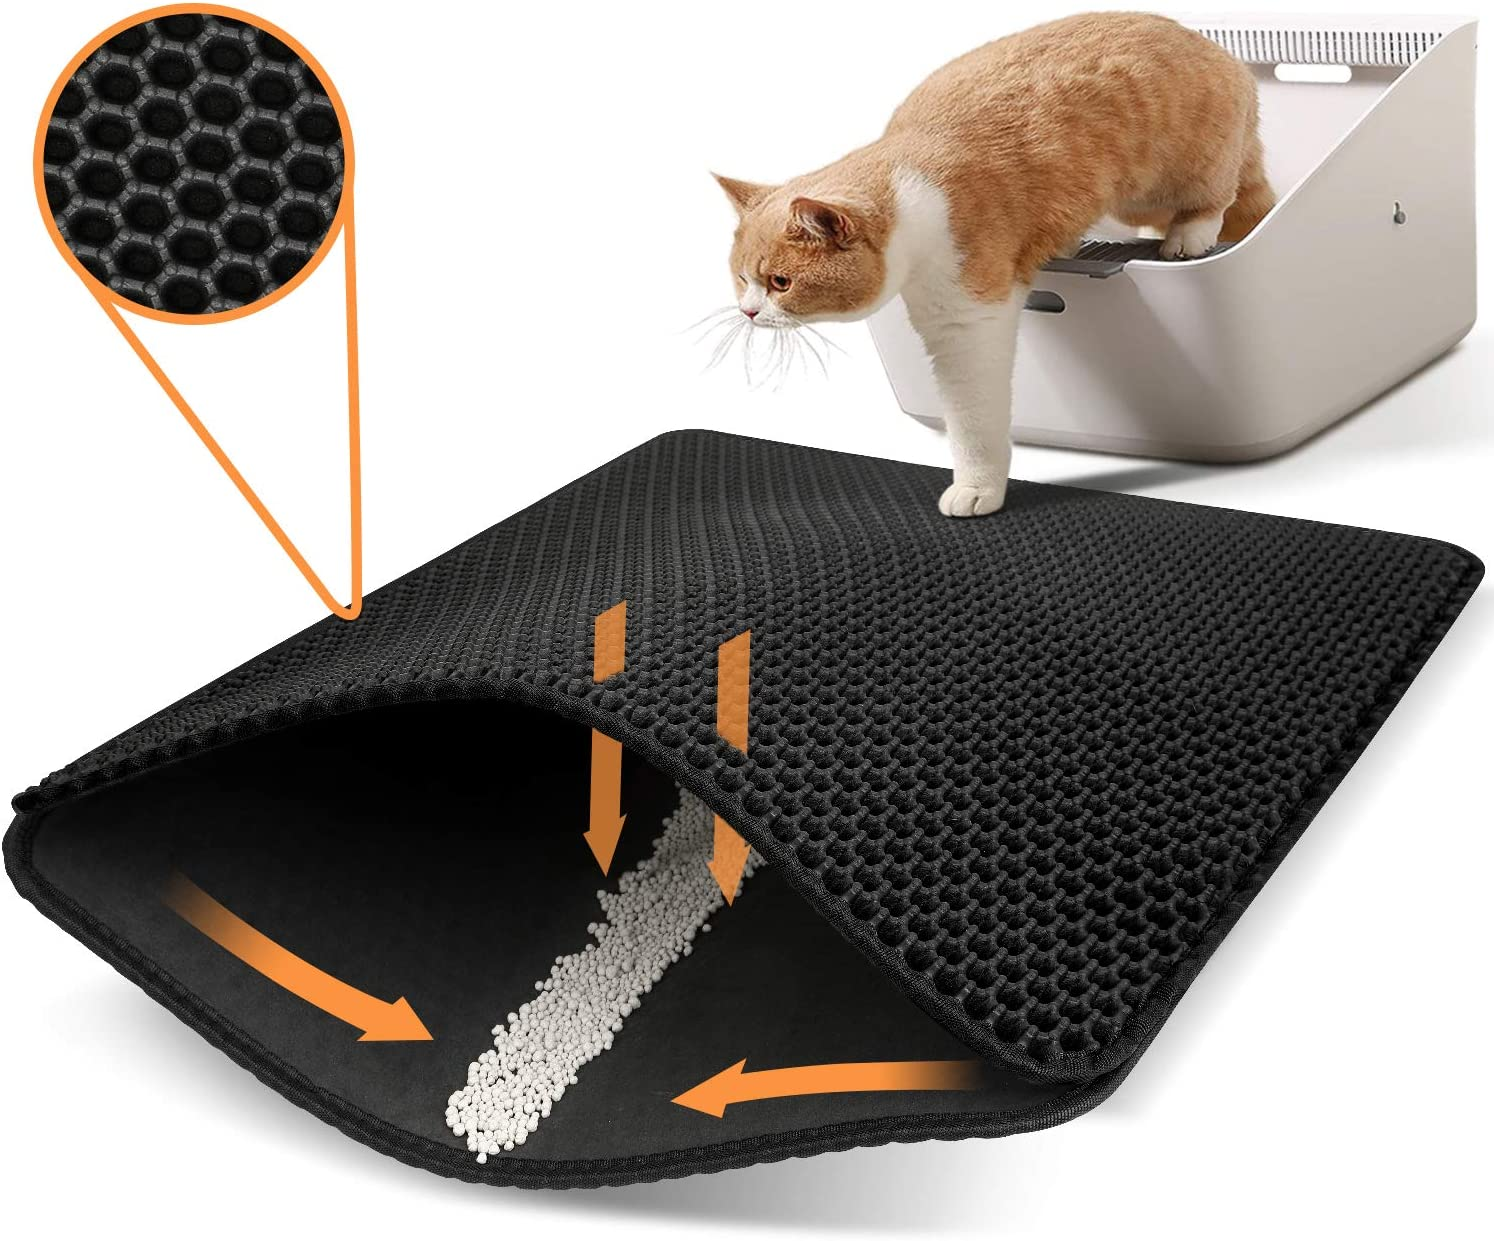 Polarduck Cat Litter Mat Direct store 25% OFF Honeycomb Trapping Doub